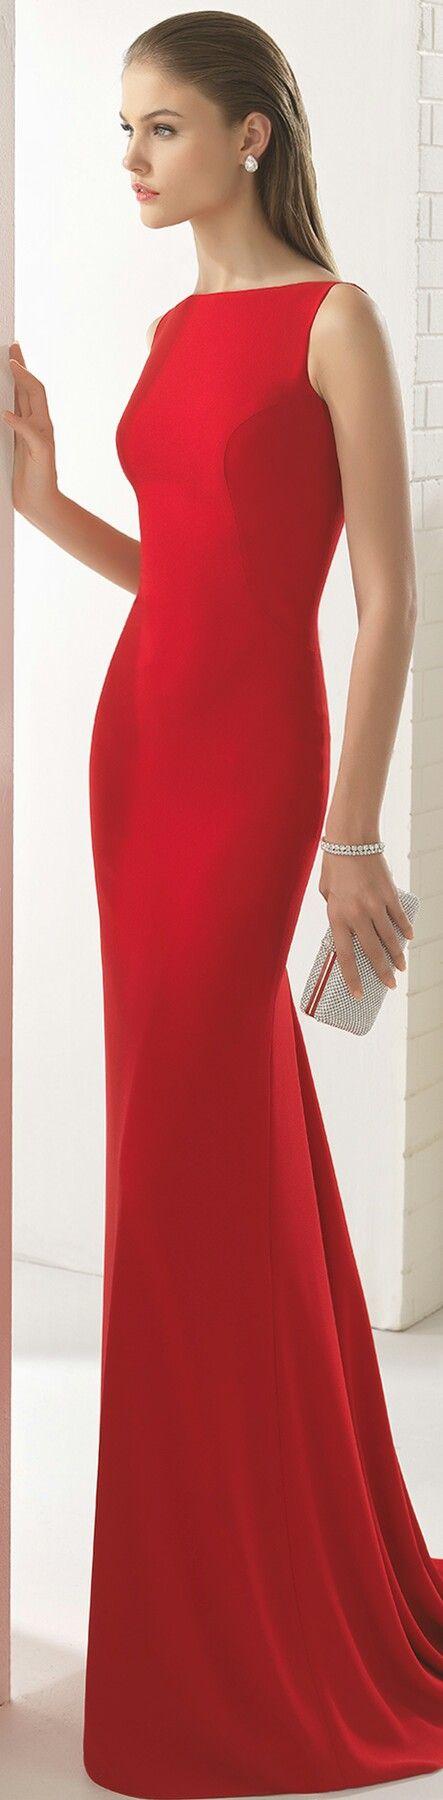 PRONOVIAS COLEÇÃO 2017 CERIMÓNIA • Seu Básico Vestido Vermelho Elegante • #1U1E5